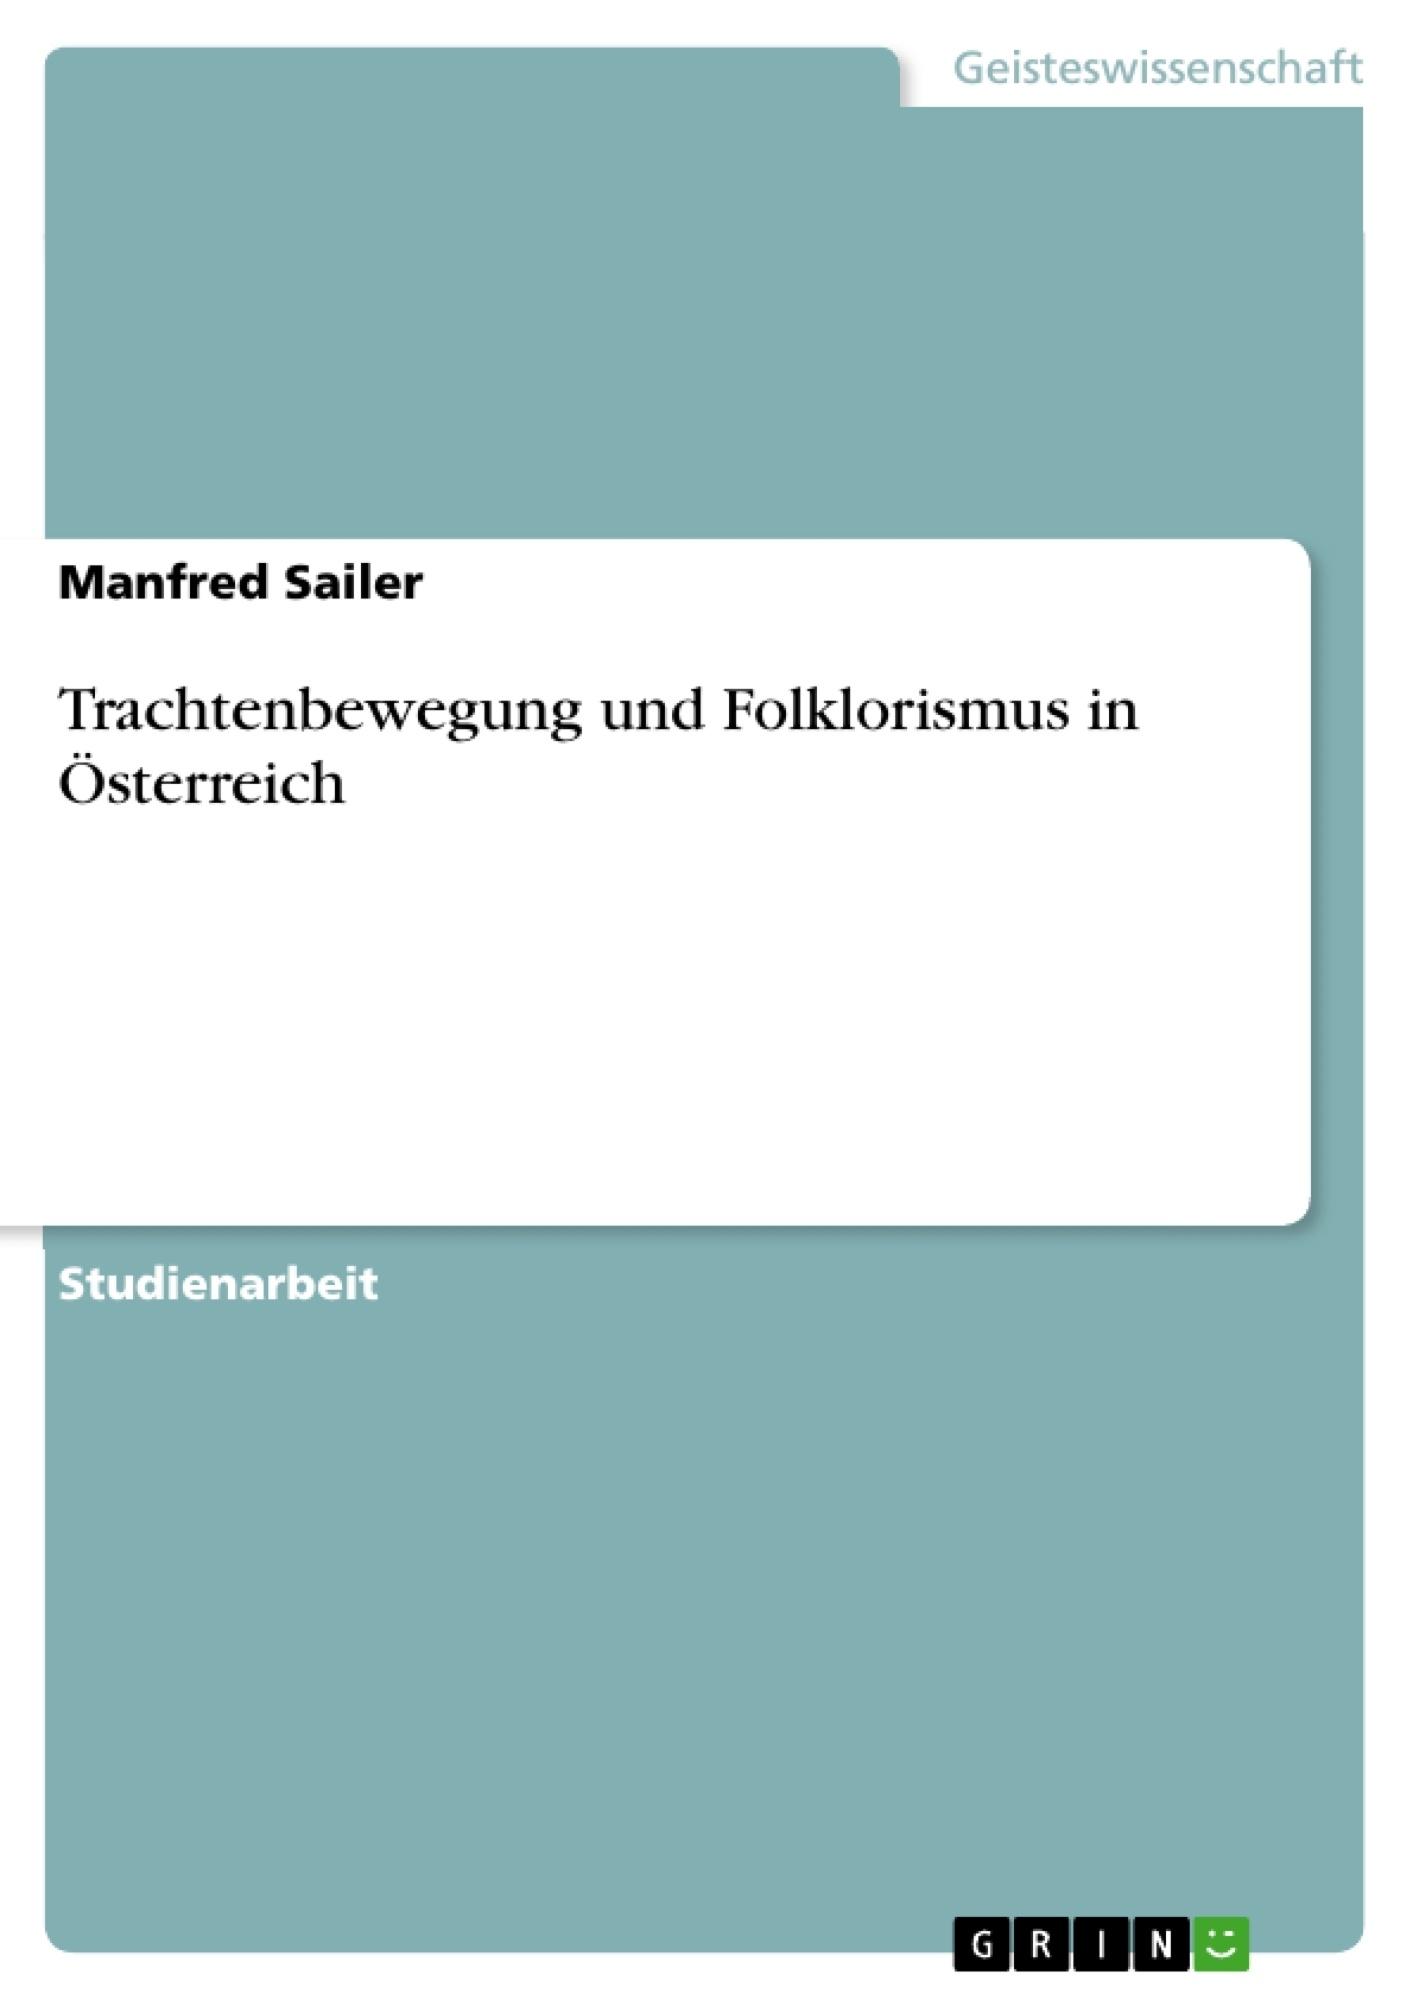 Titel: Trachtenbewegung und Folklorismus in Österreich